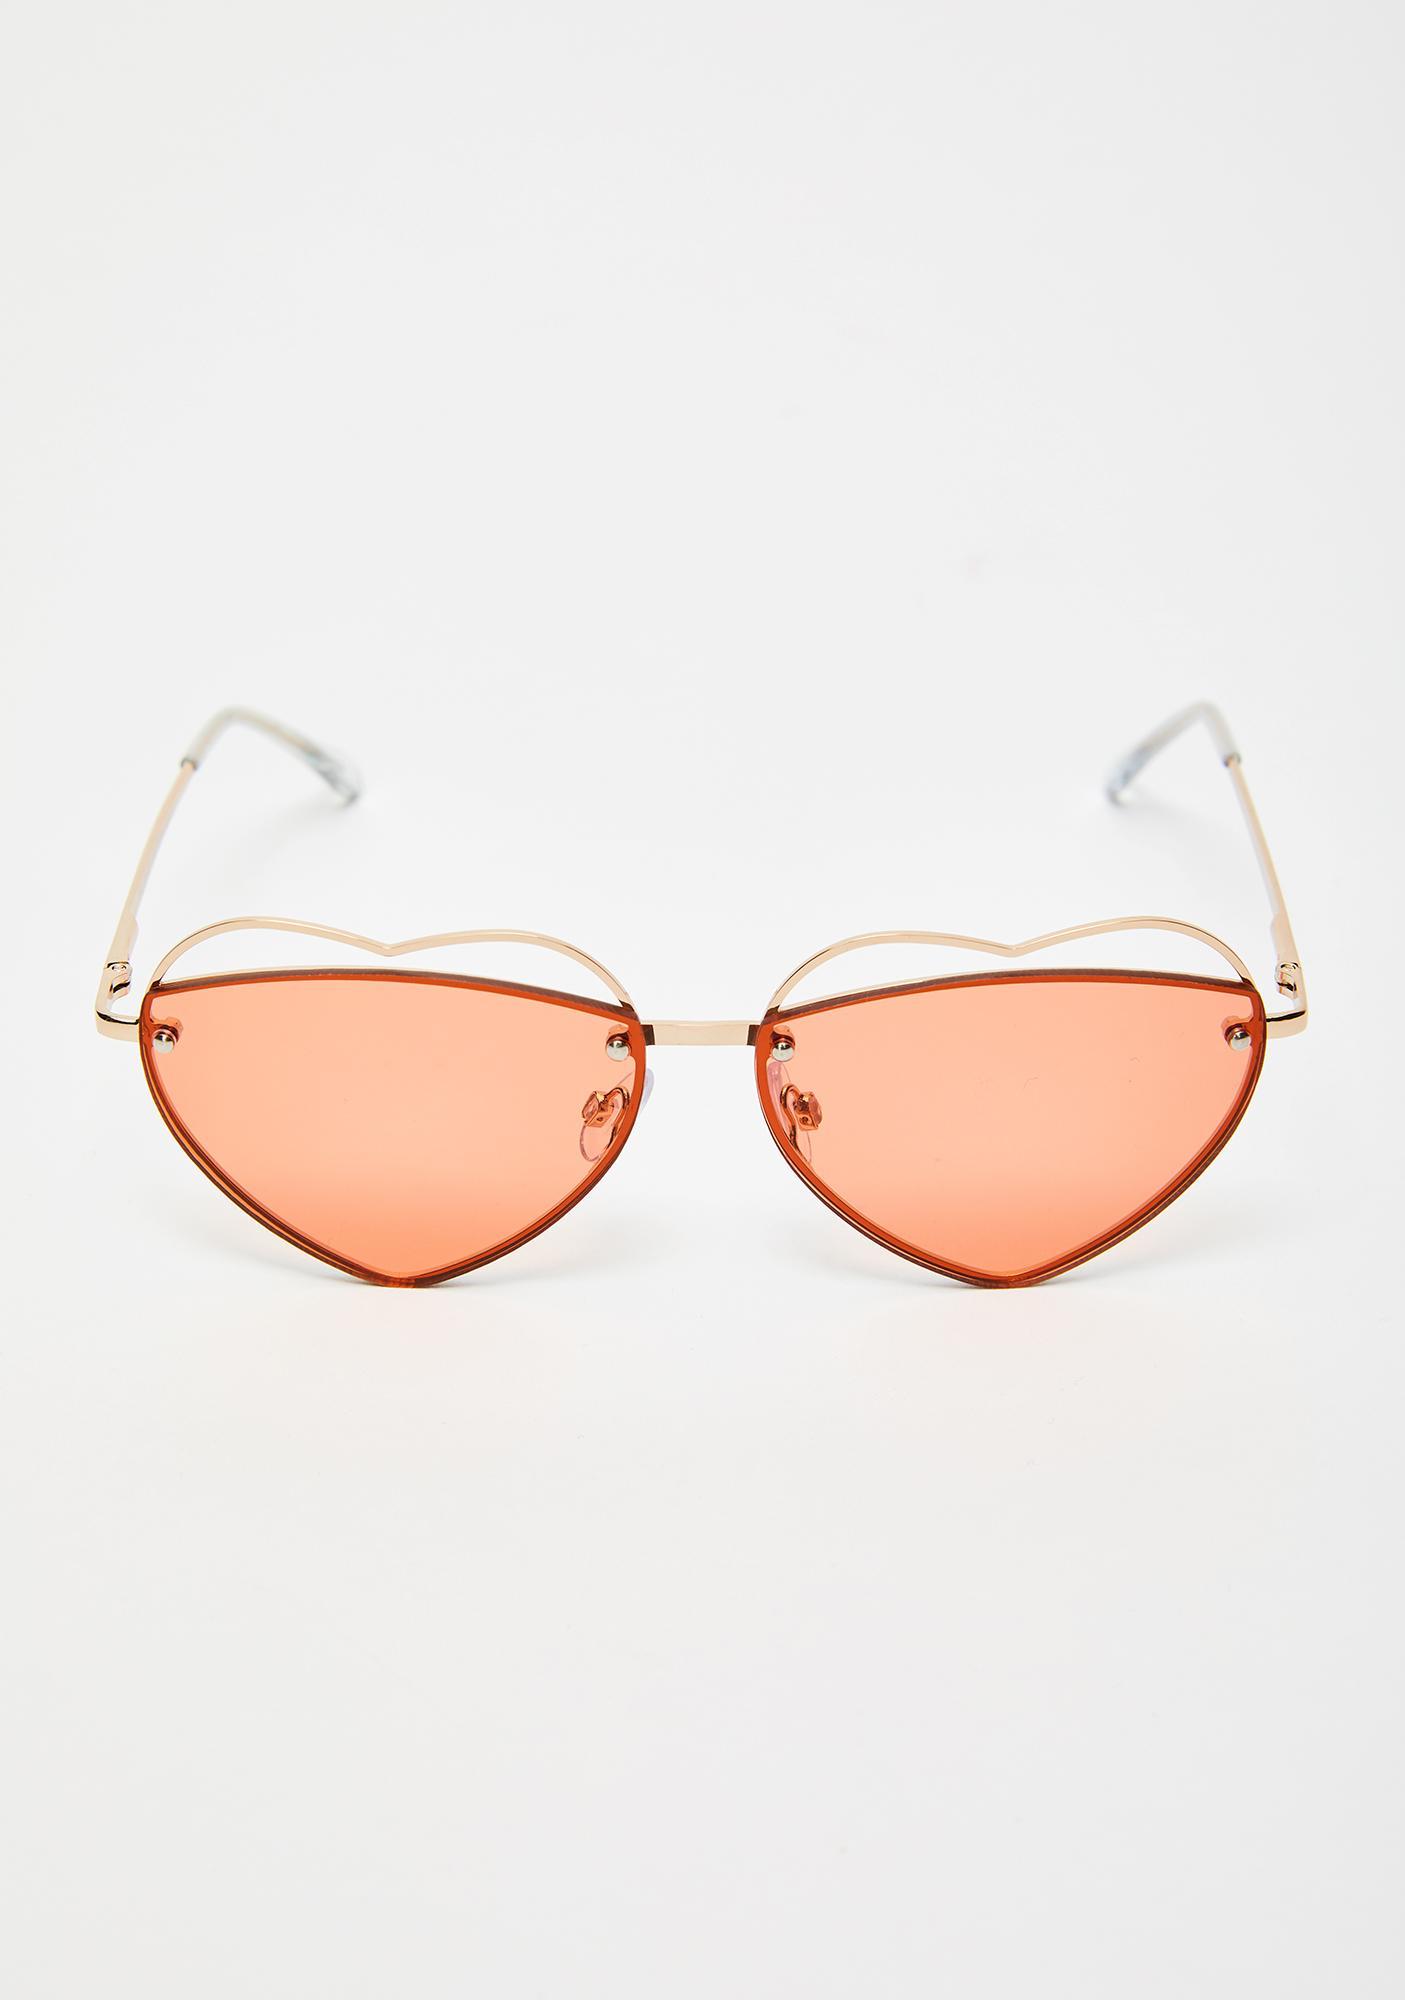 Sights Set On U Heart Sunglasses